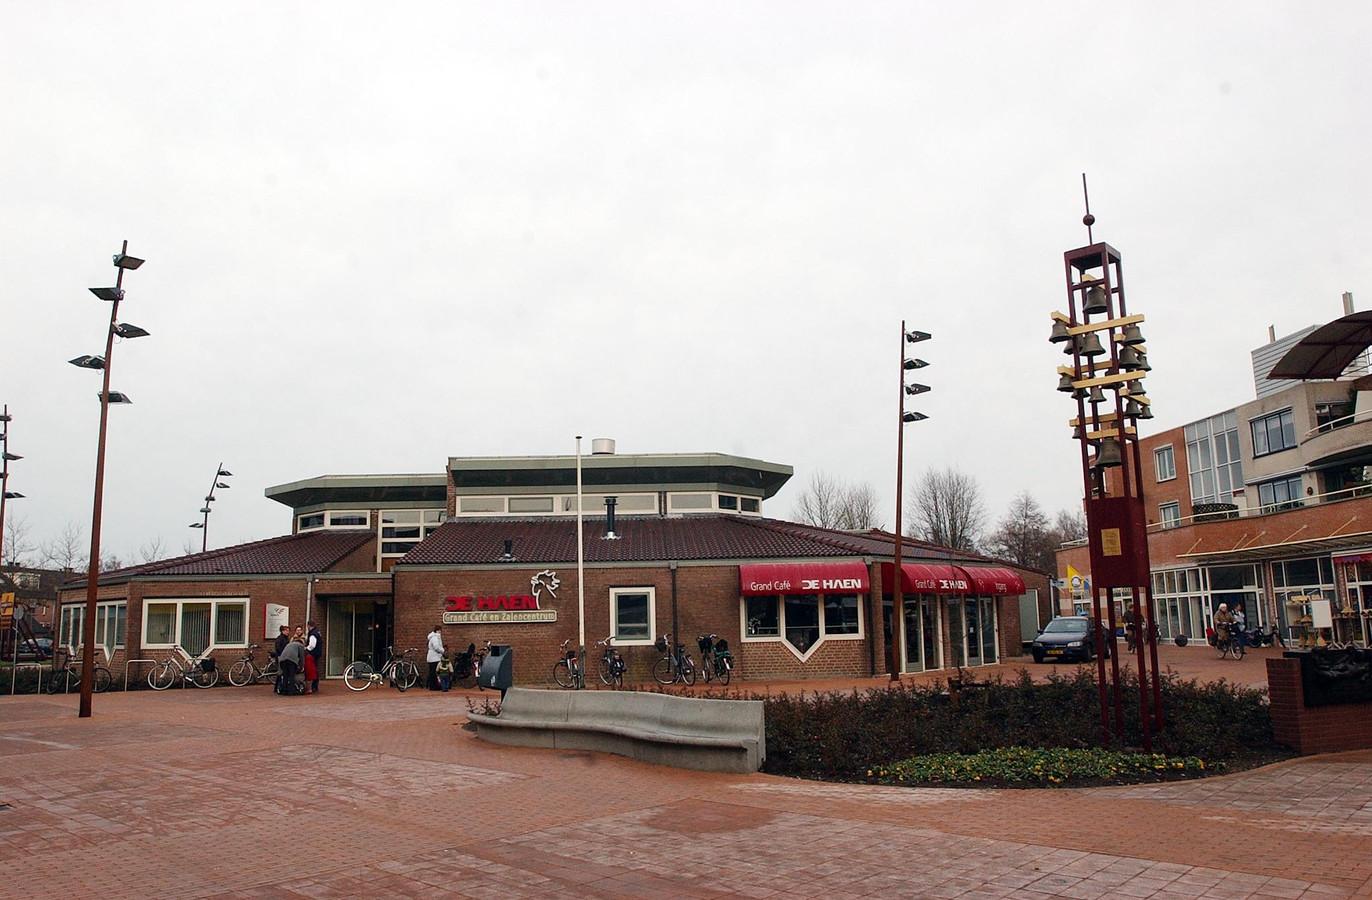 Dorpshuis De Stuw in Hoevelaken is verouderd en wordt vervangen.